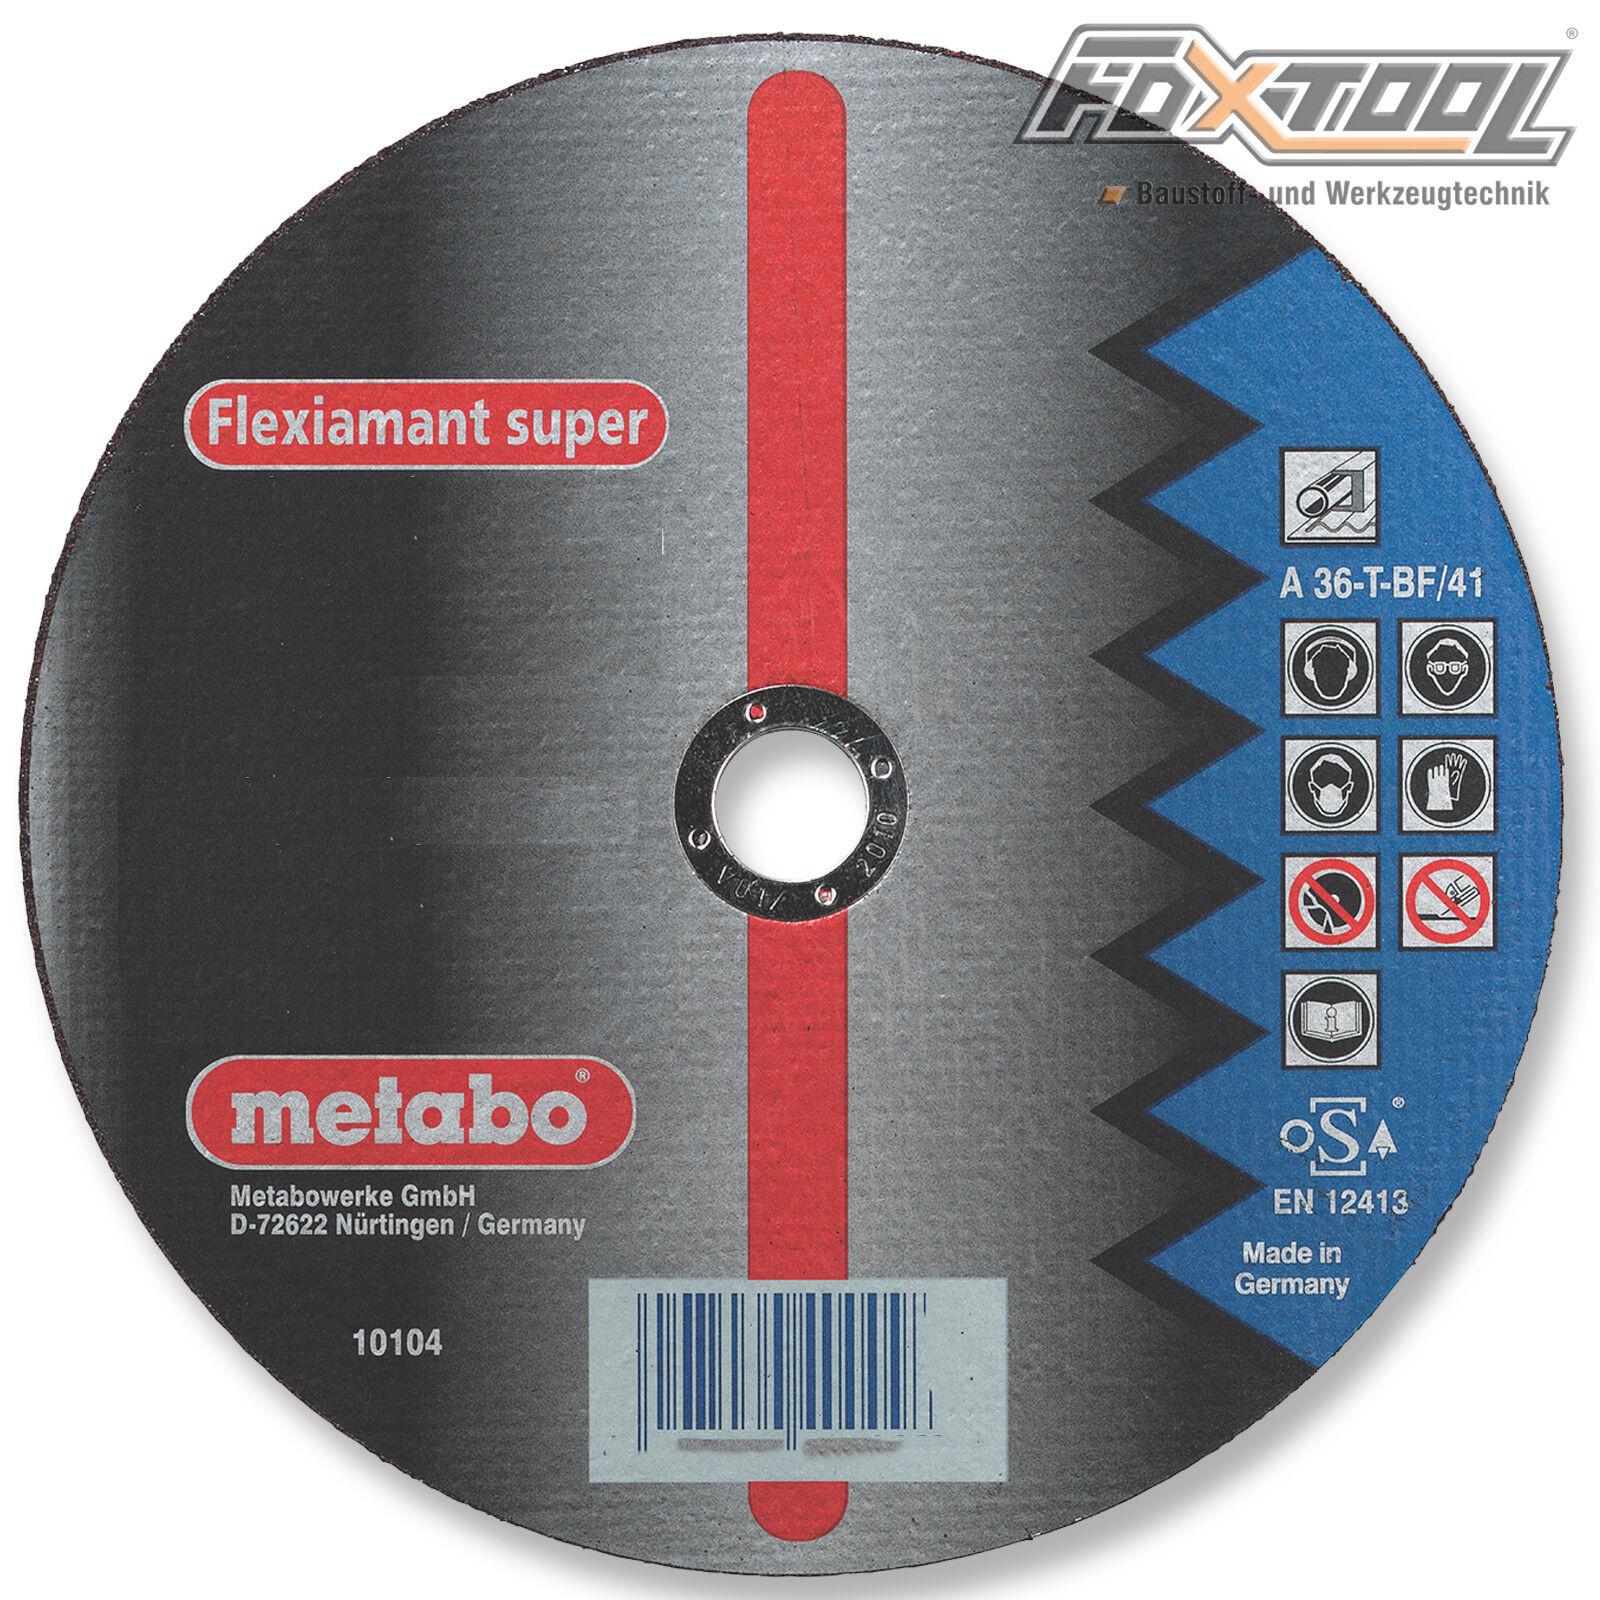 Metabo Flexiamant super 180x2x22,2 Stahl  Metall Trennscheibe Blech